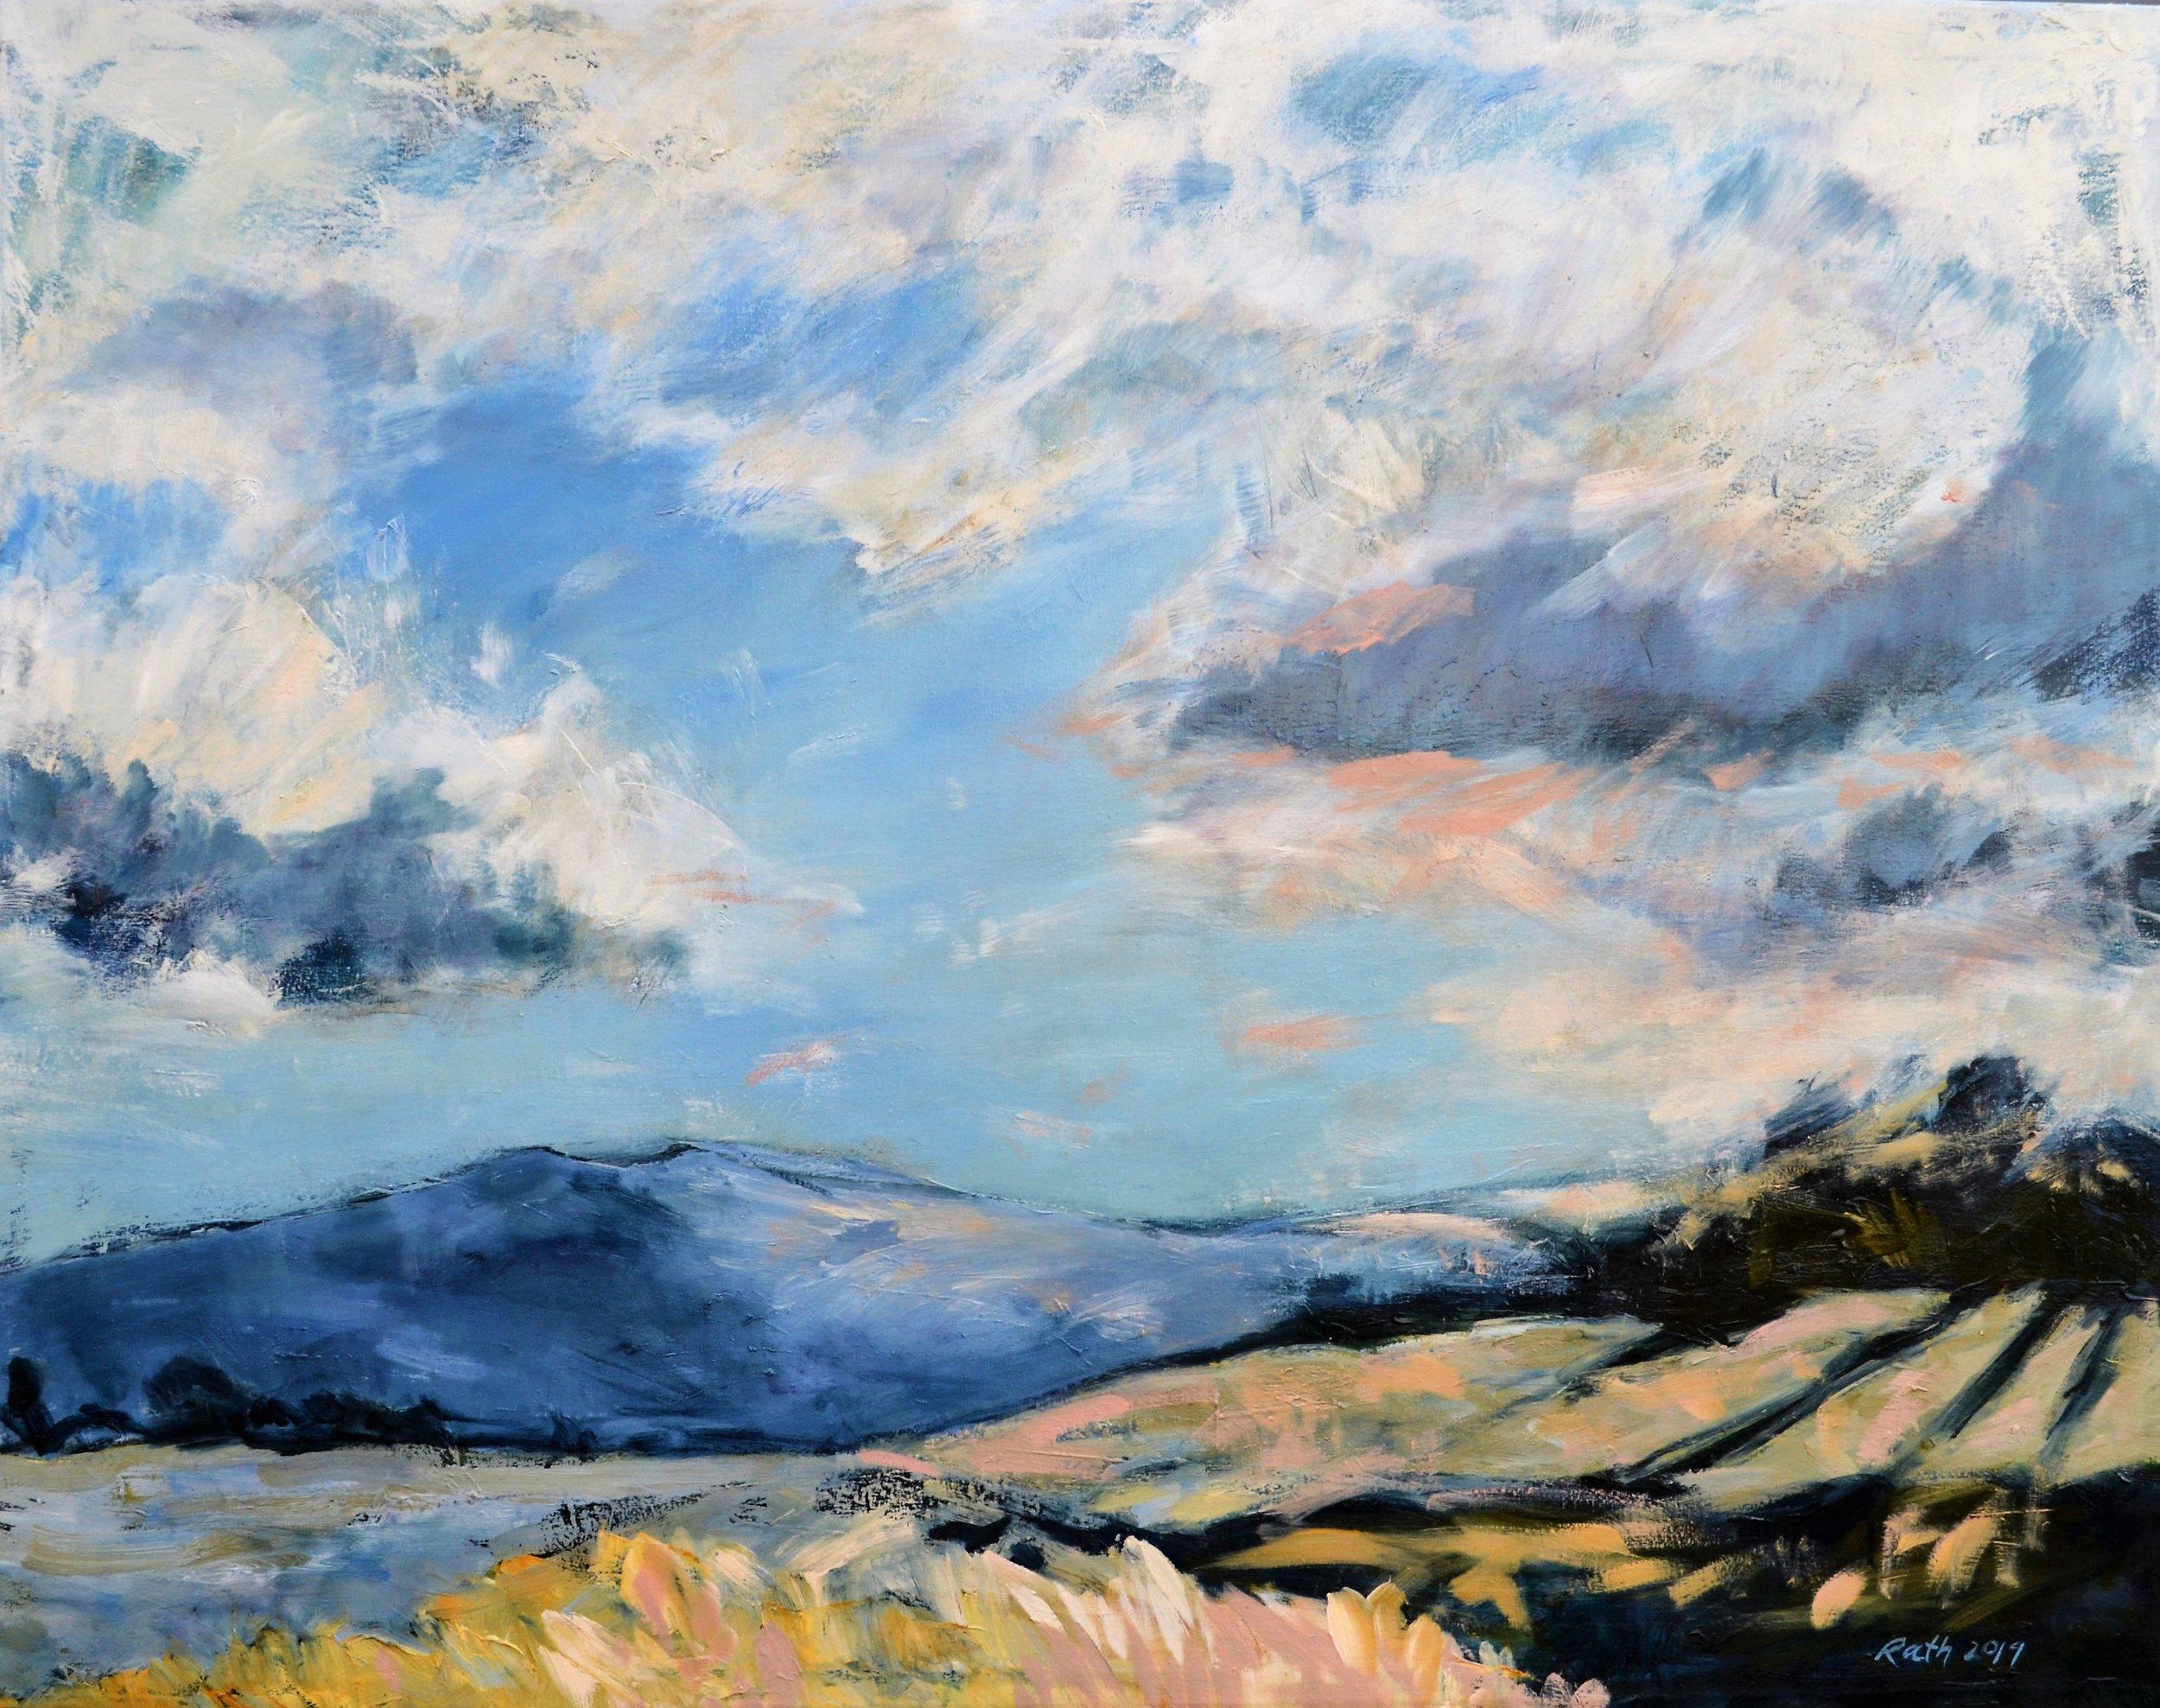 evening light on teddys hill oil on canvas 90 x 120 cm.JPG